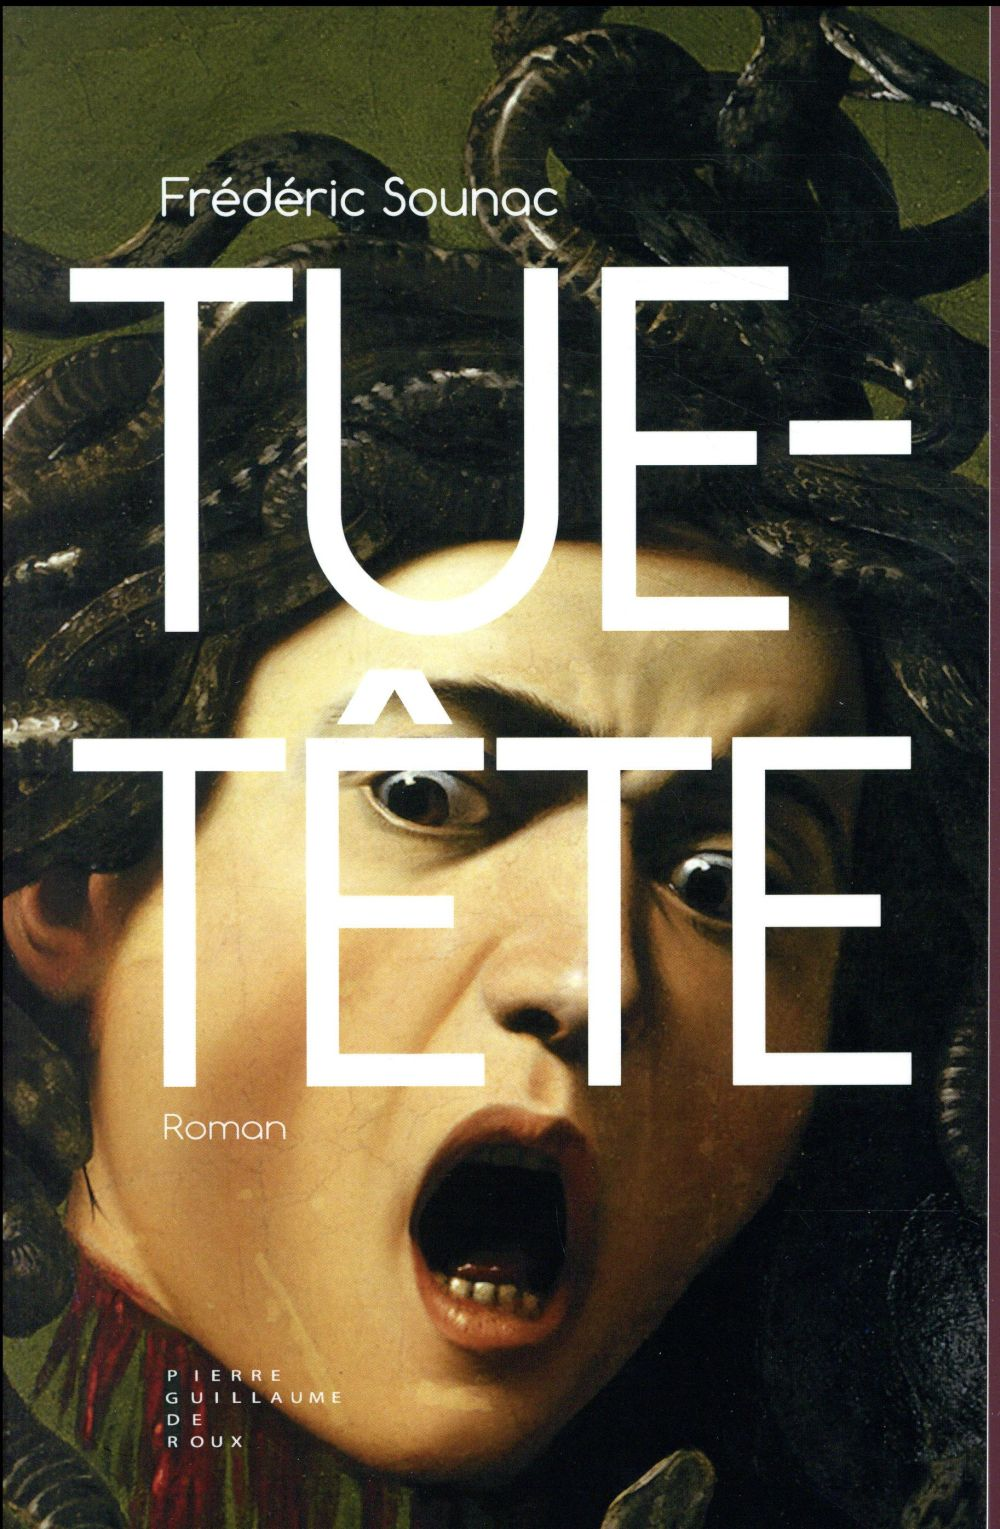 TUE-TETE SOUNAC FREDERIC Pierre-Guillaume de Roux